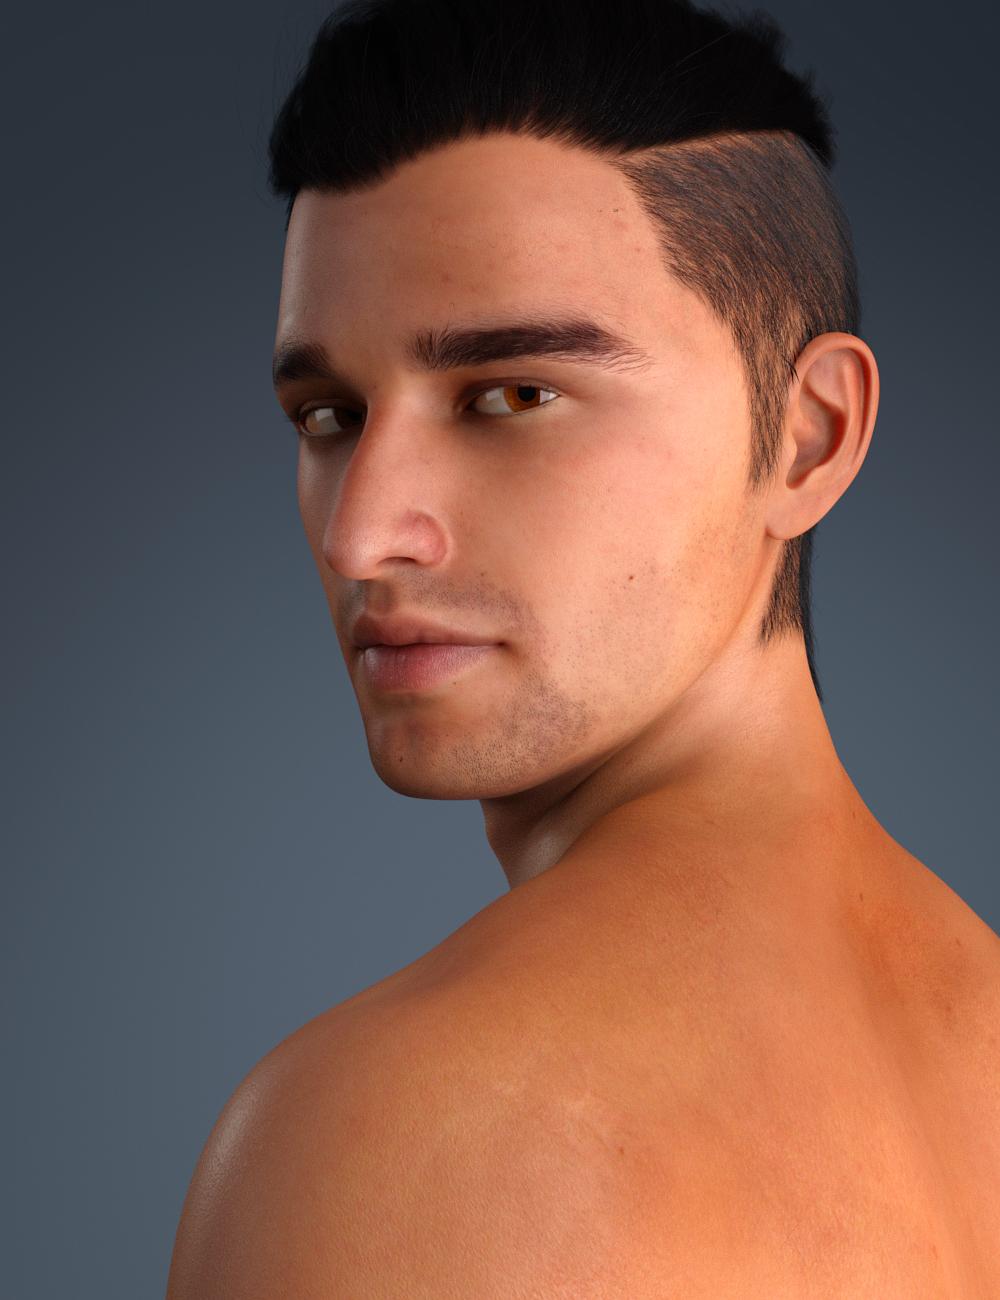 Rodrigo for Genesis 8 Male by: Toyen, 3D Models by Daz 3D